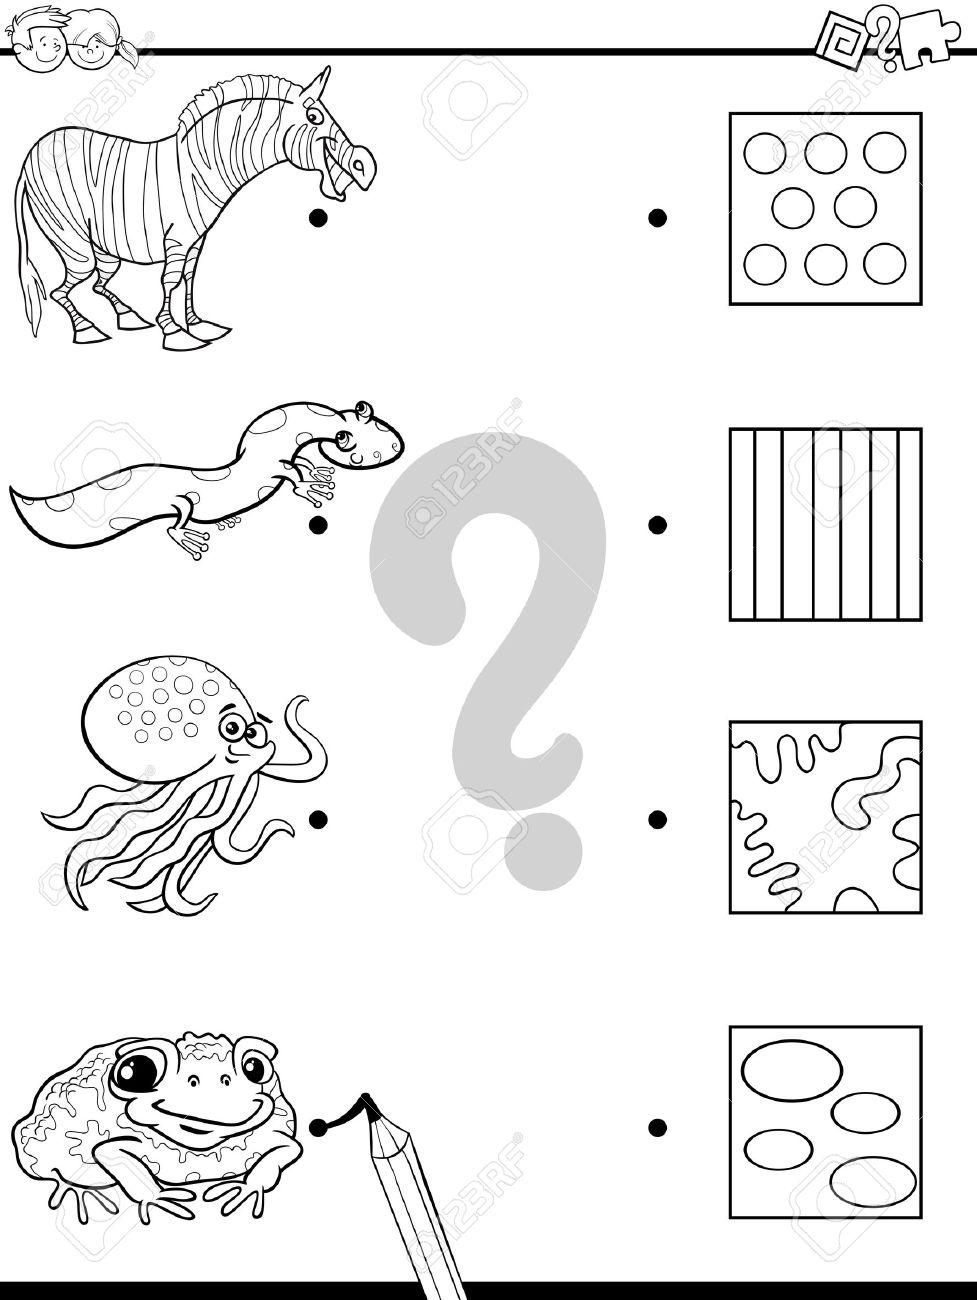 Ilustración De Dibujos Animados Blanco Y Negro De Educación De Imagen Juego De Las Coincidencias Para Niños Con Personajes De Animales Para Colorear